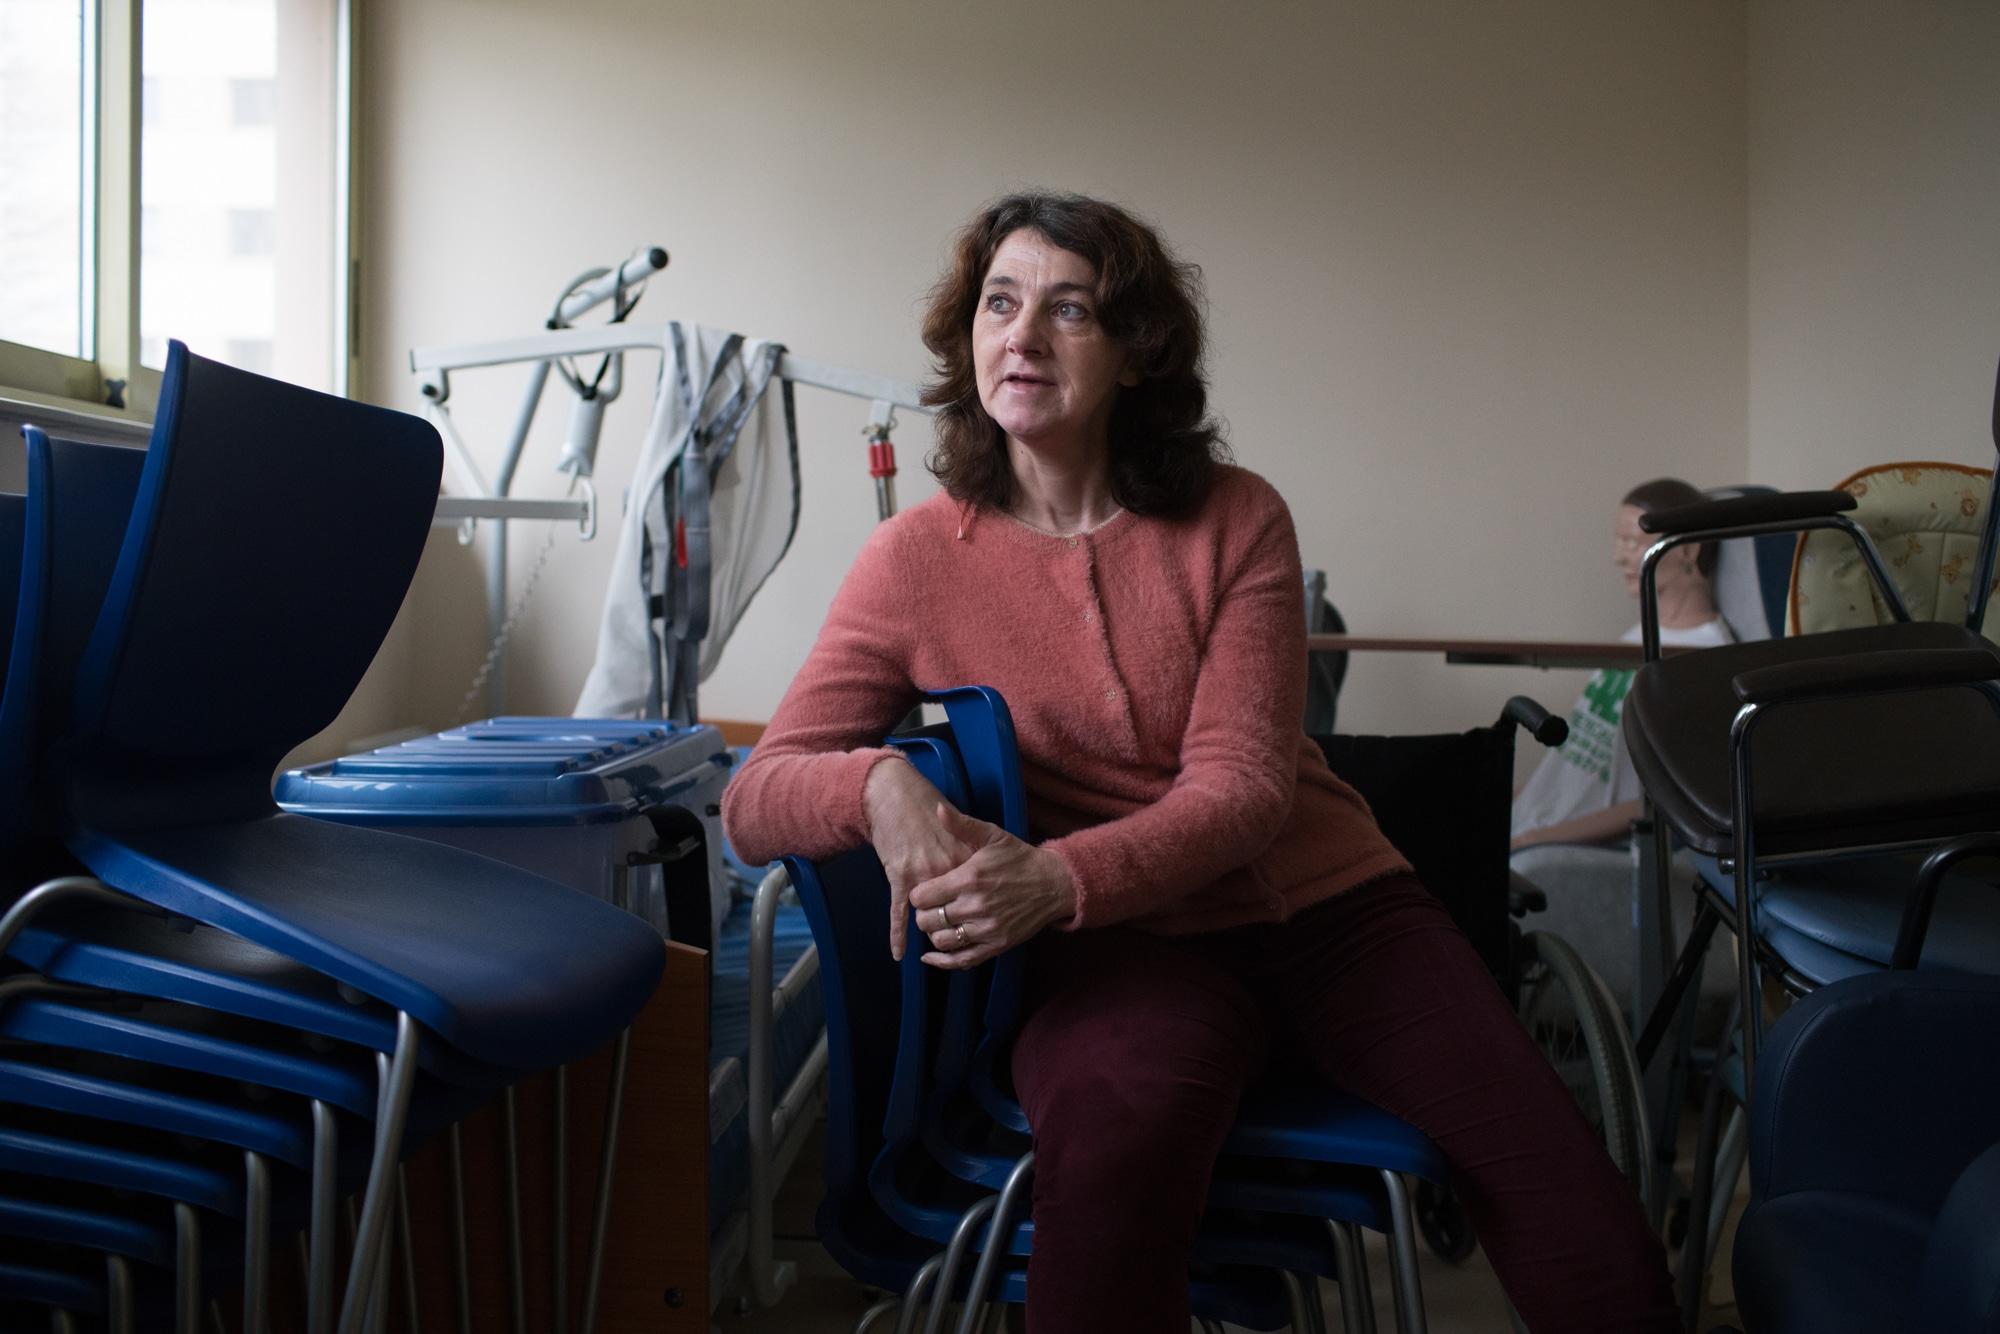 Patricia est assise dans une salle contenant du matériel de bureau et du matériel médical